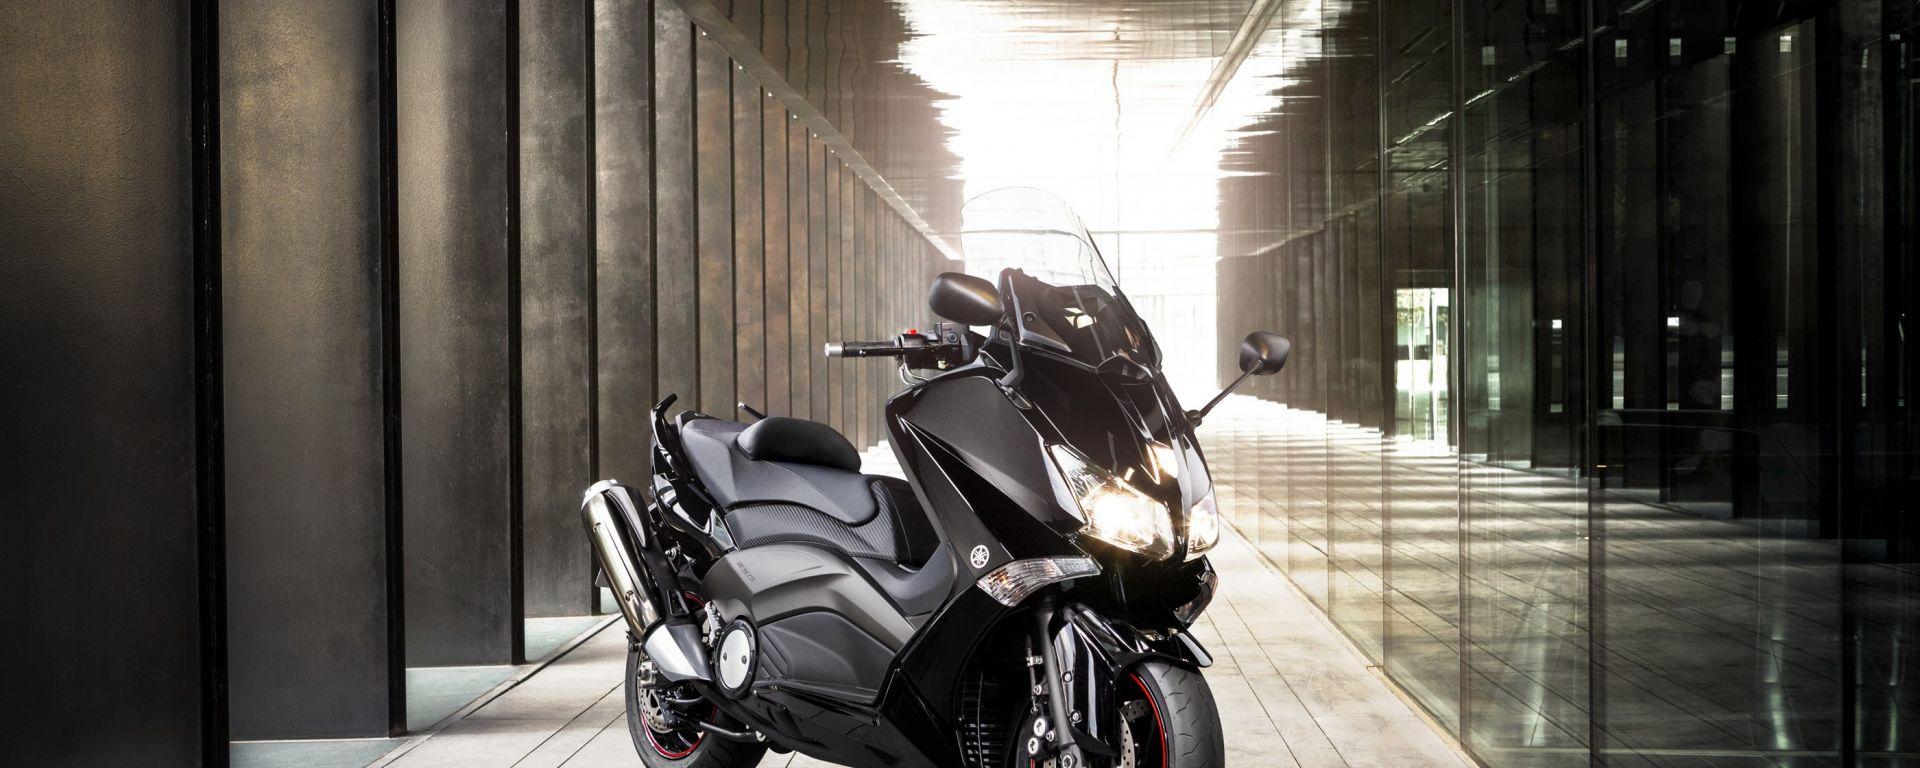 Un mese di assicurazione gratis con Yamaha e Motoplatinum